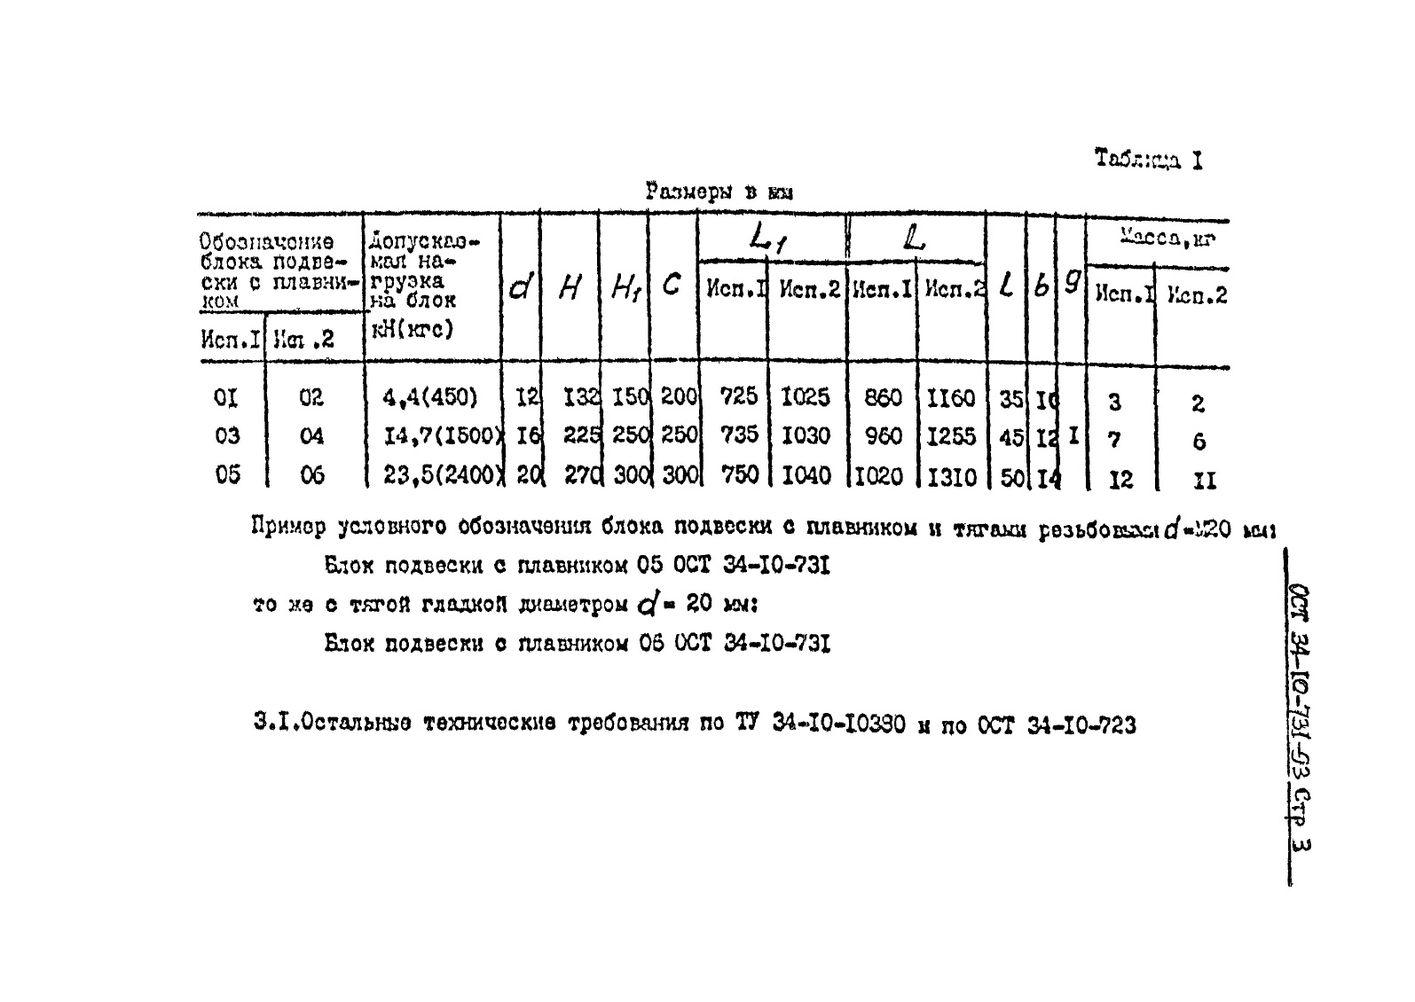 Блоки подвесок с плавником ОСТ 34-10-731-93 стр.3